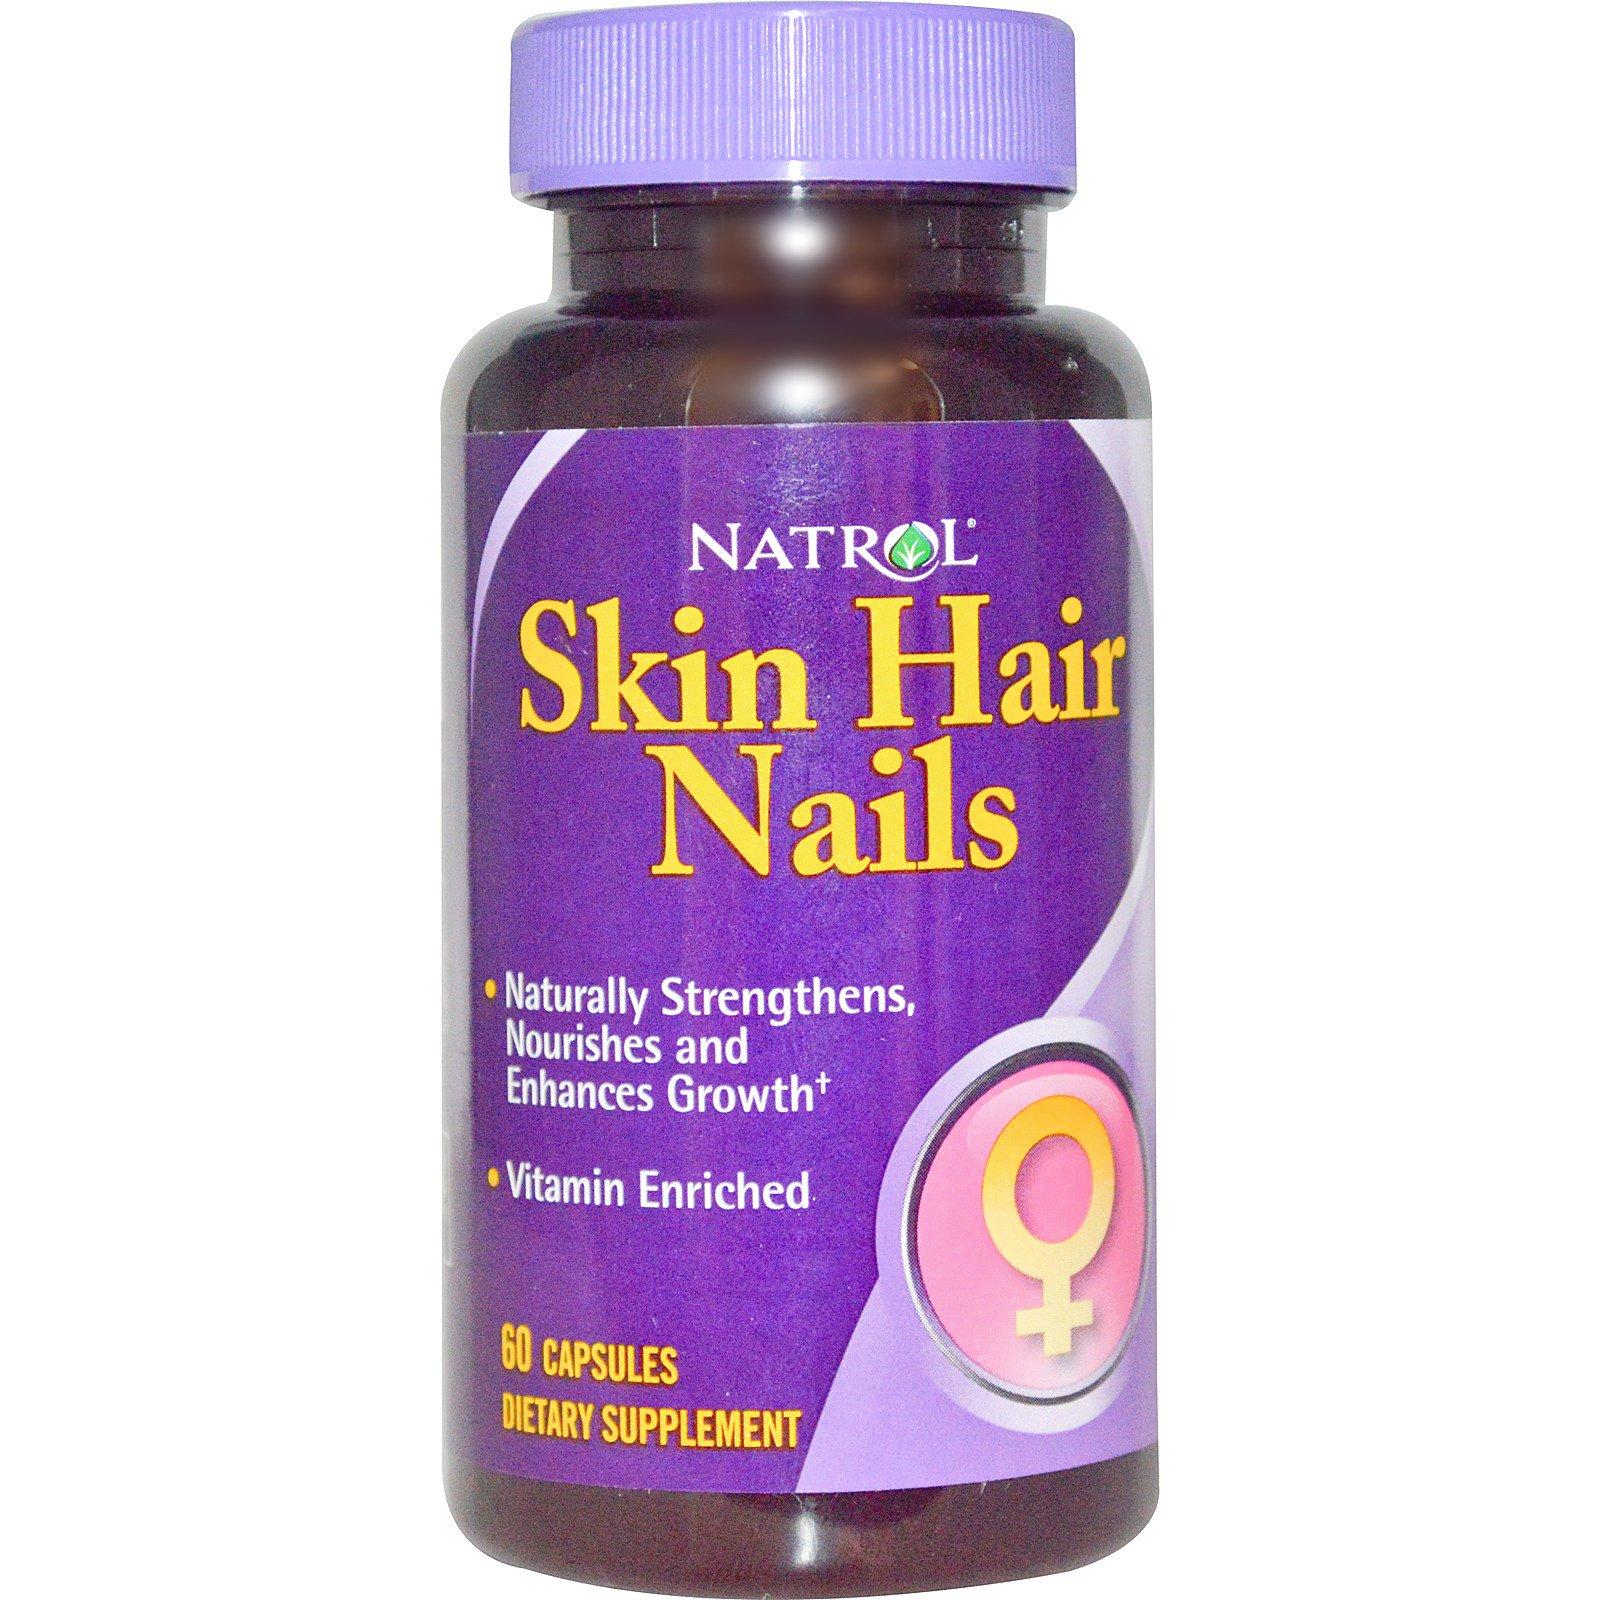 Natrol, Skin Hair Nails, 60 Capsules - iHerb.com